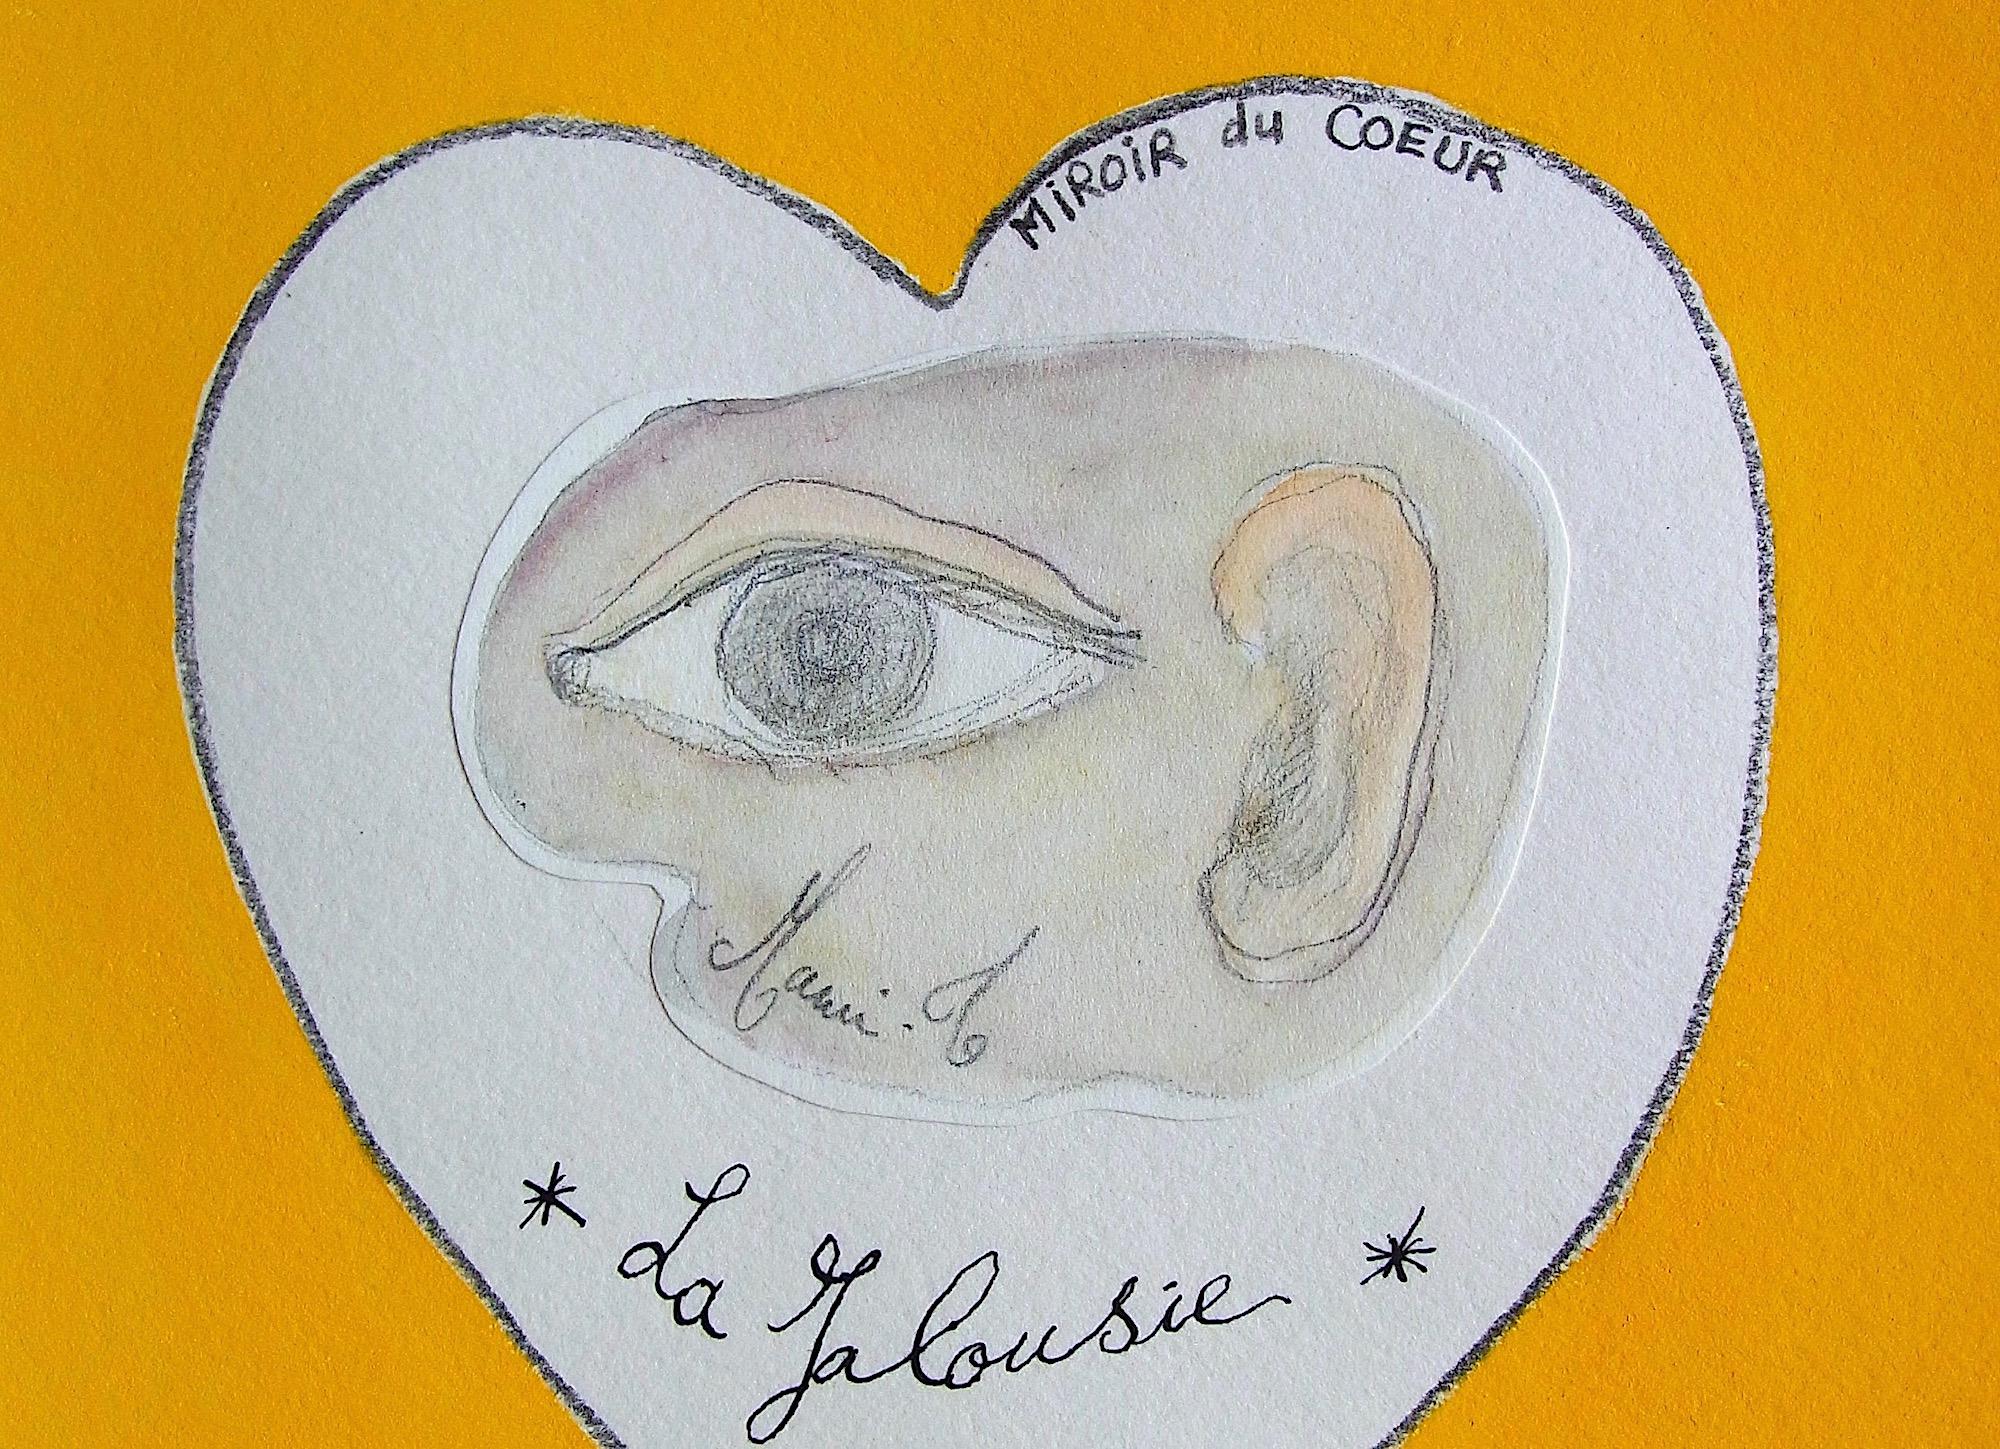 MAMI / Images et Poésie, La Jalousie (Miroir du Coeur)